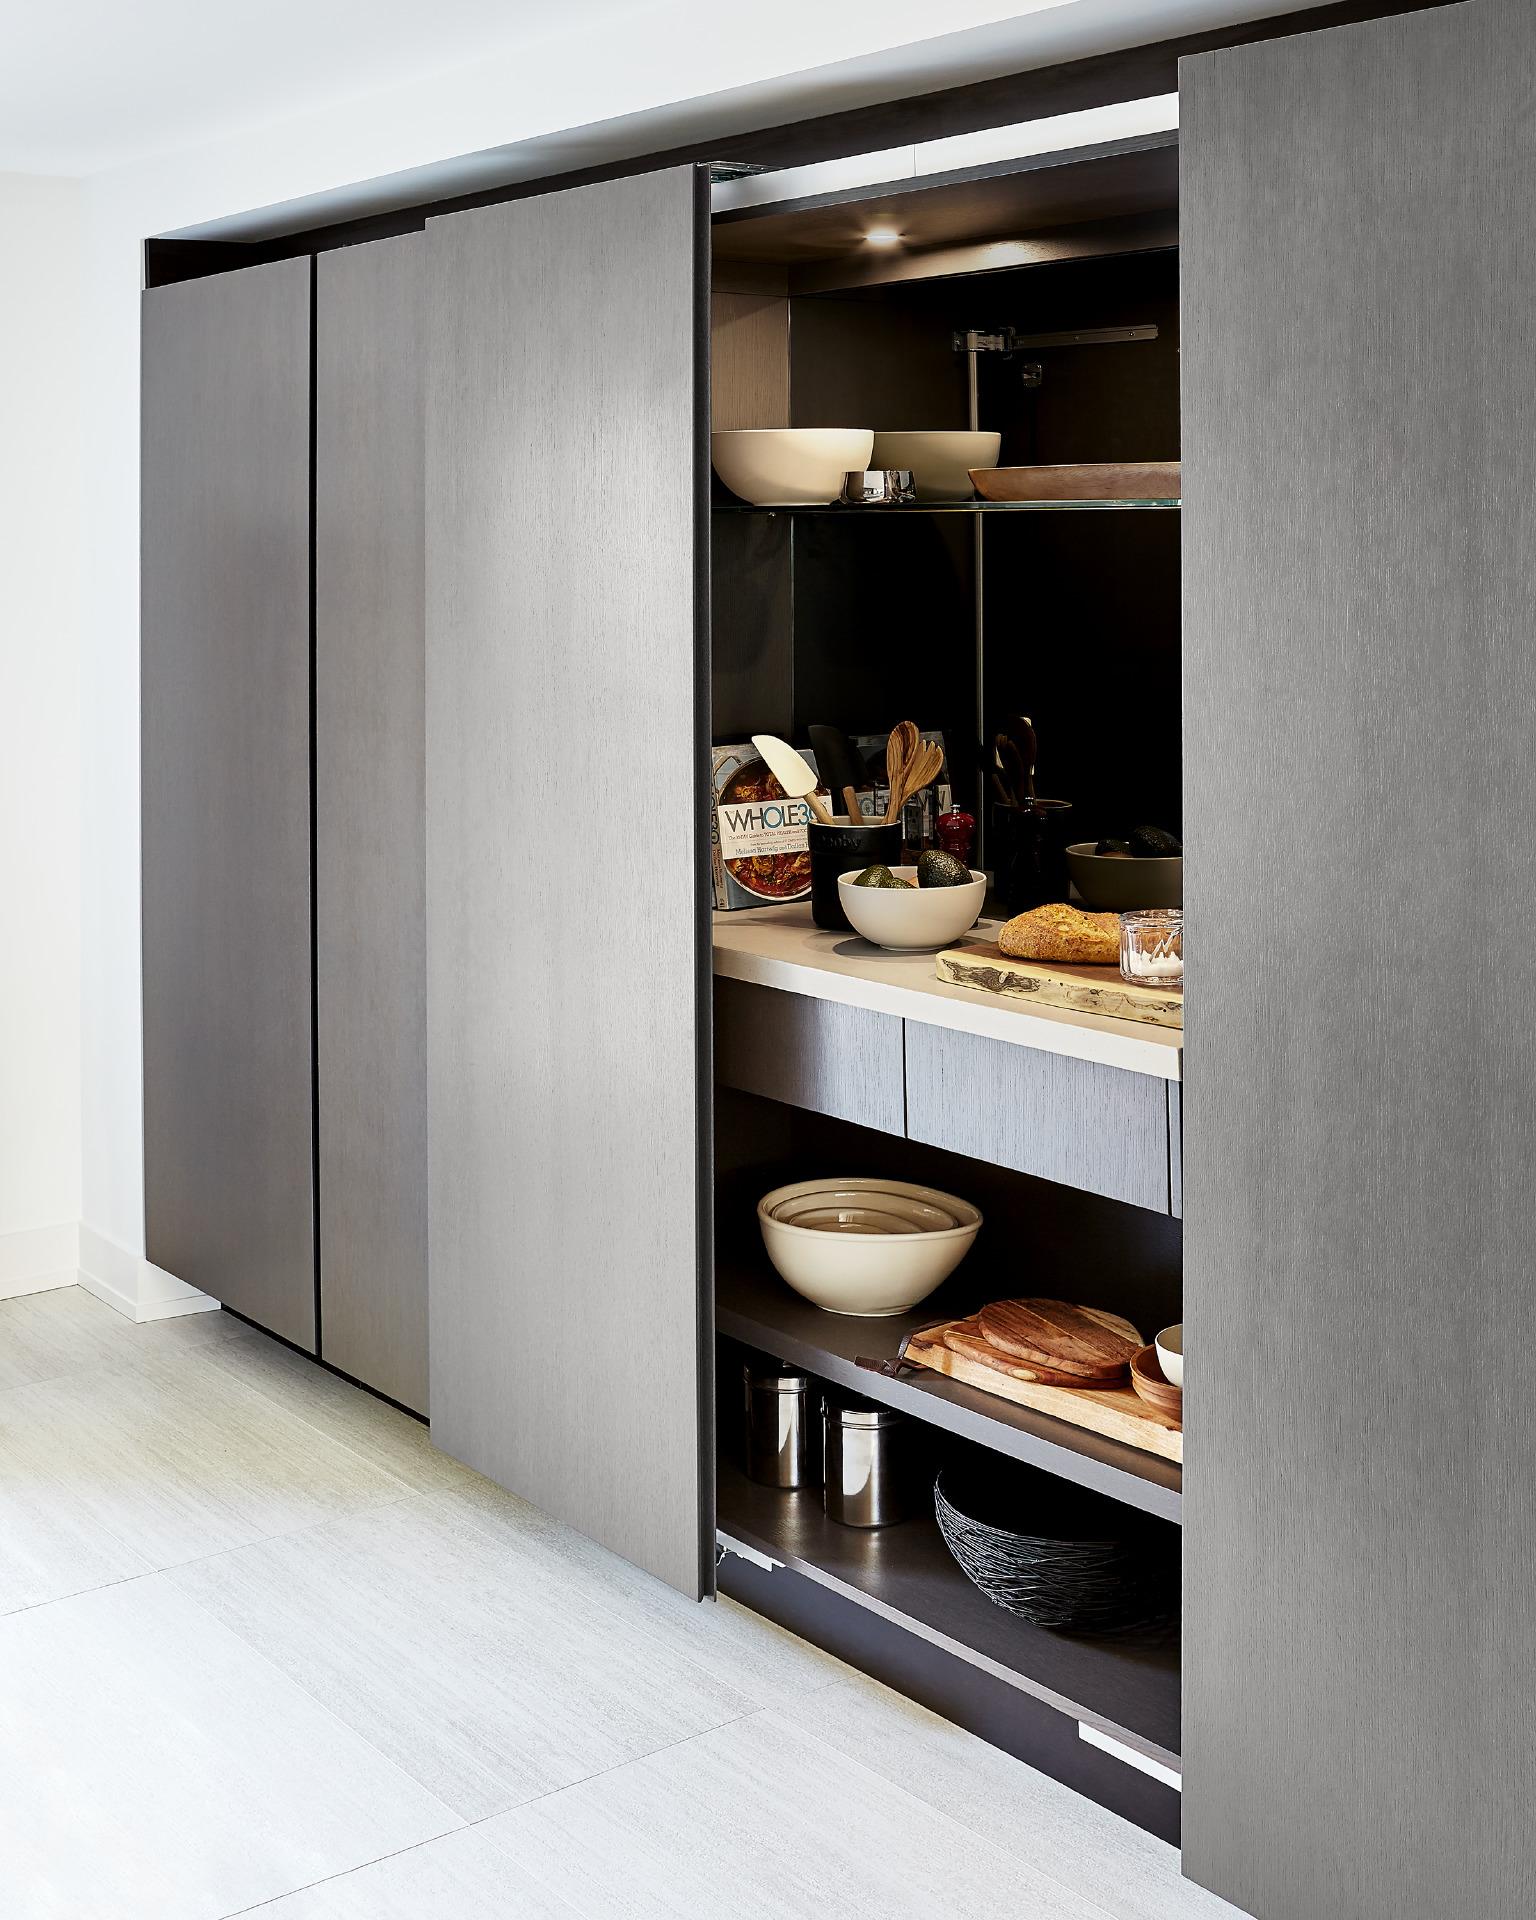 KitchenDetail_v1_preview[1].jpeg